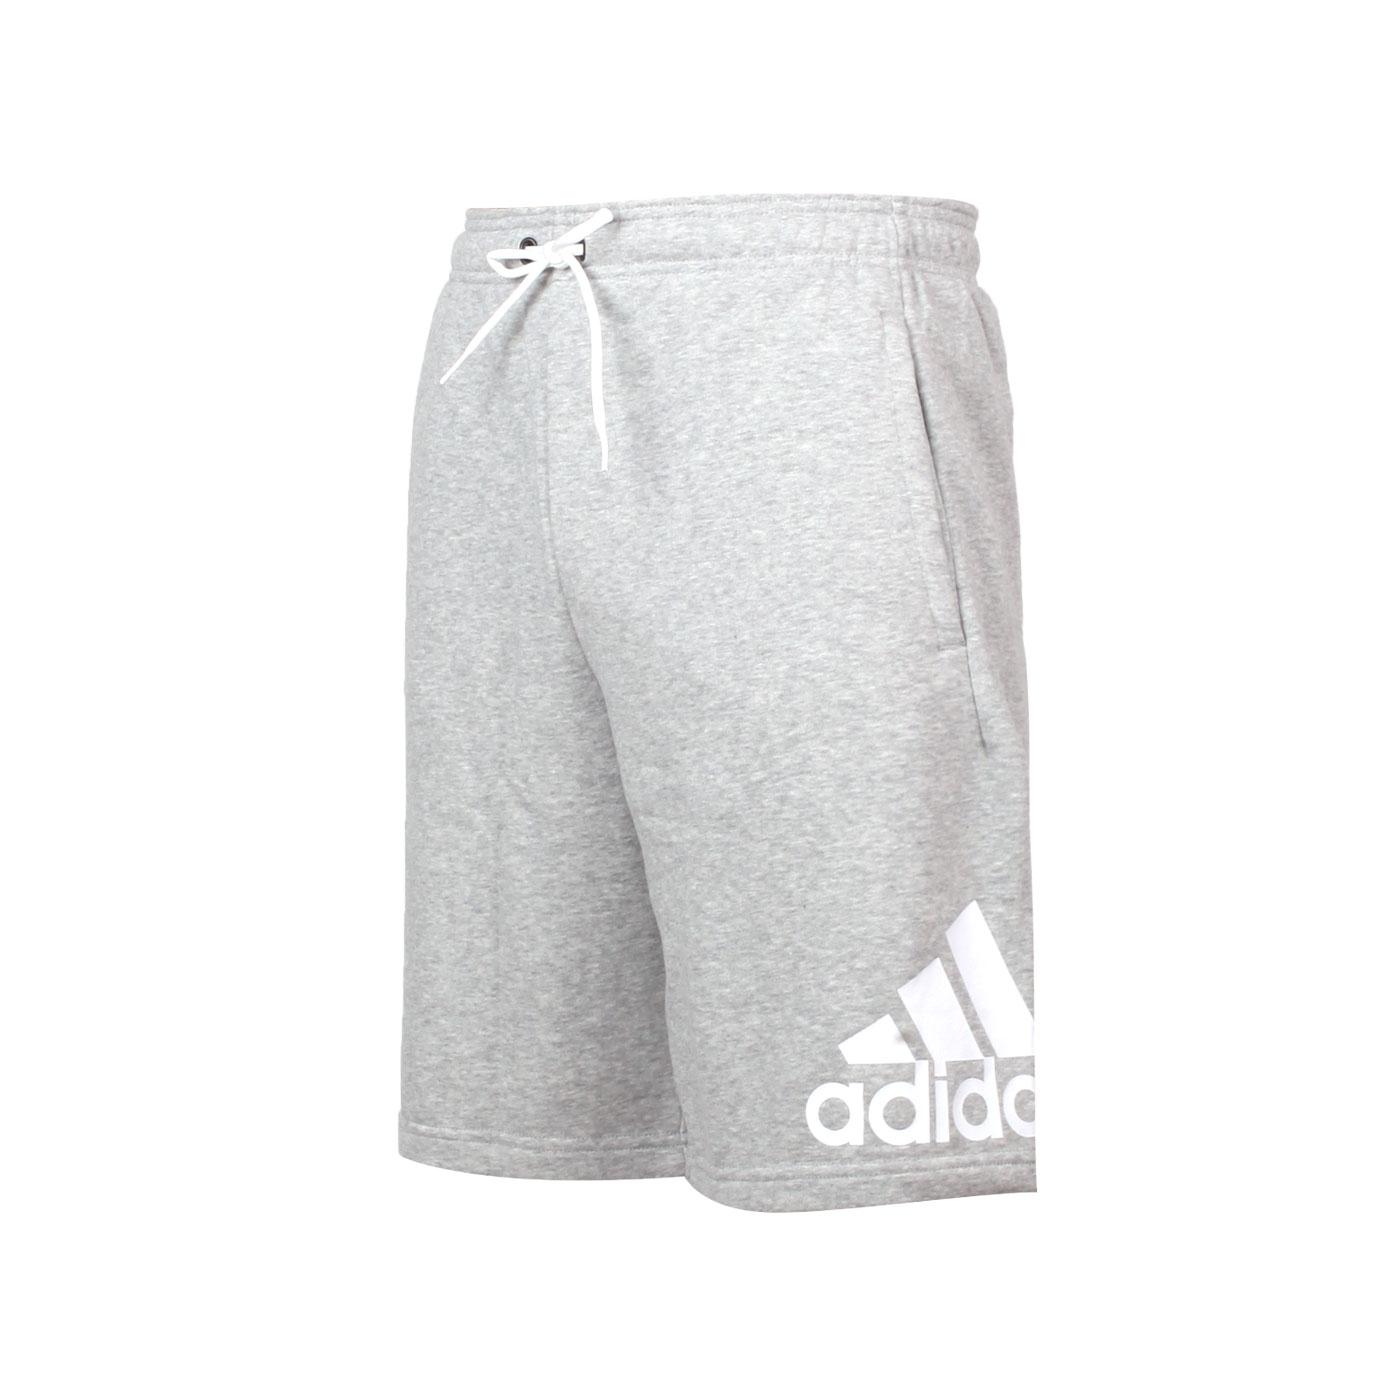 ADIDAS 男款運動短褲 EB5260